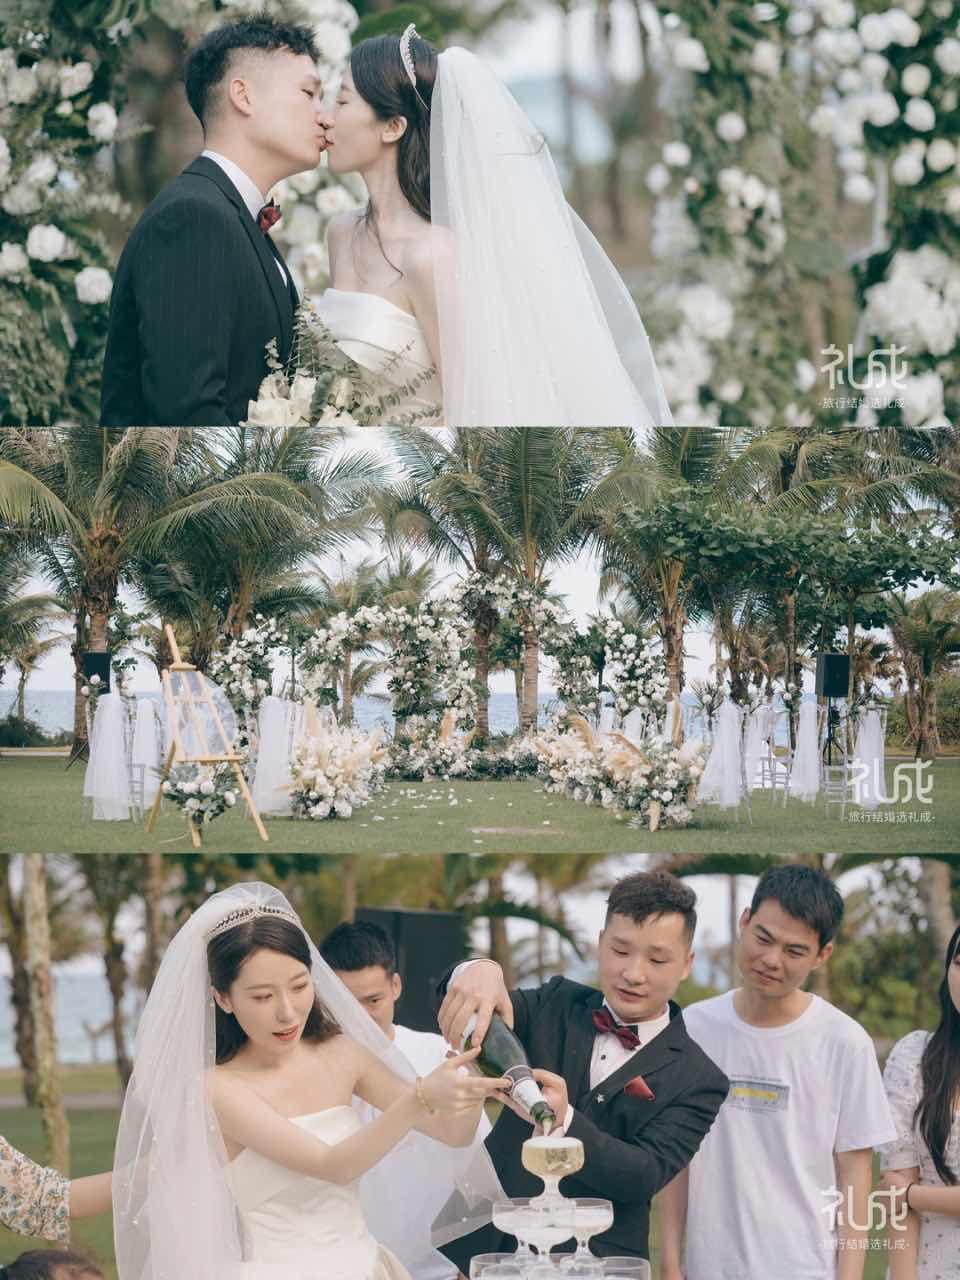 仪式感满满,而且不贵!参考一下三亚婚礼